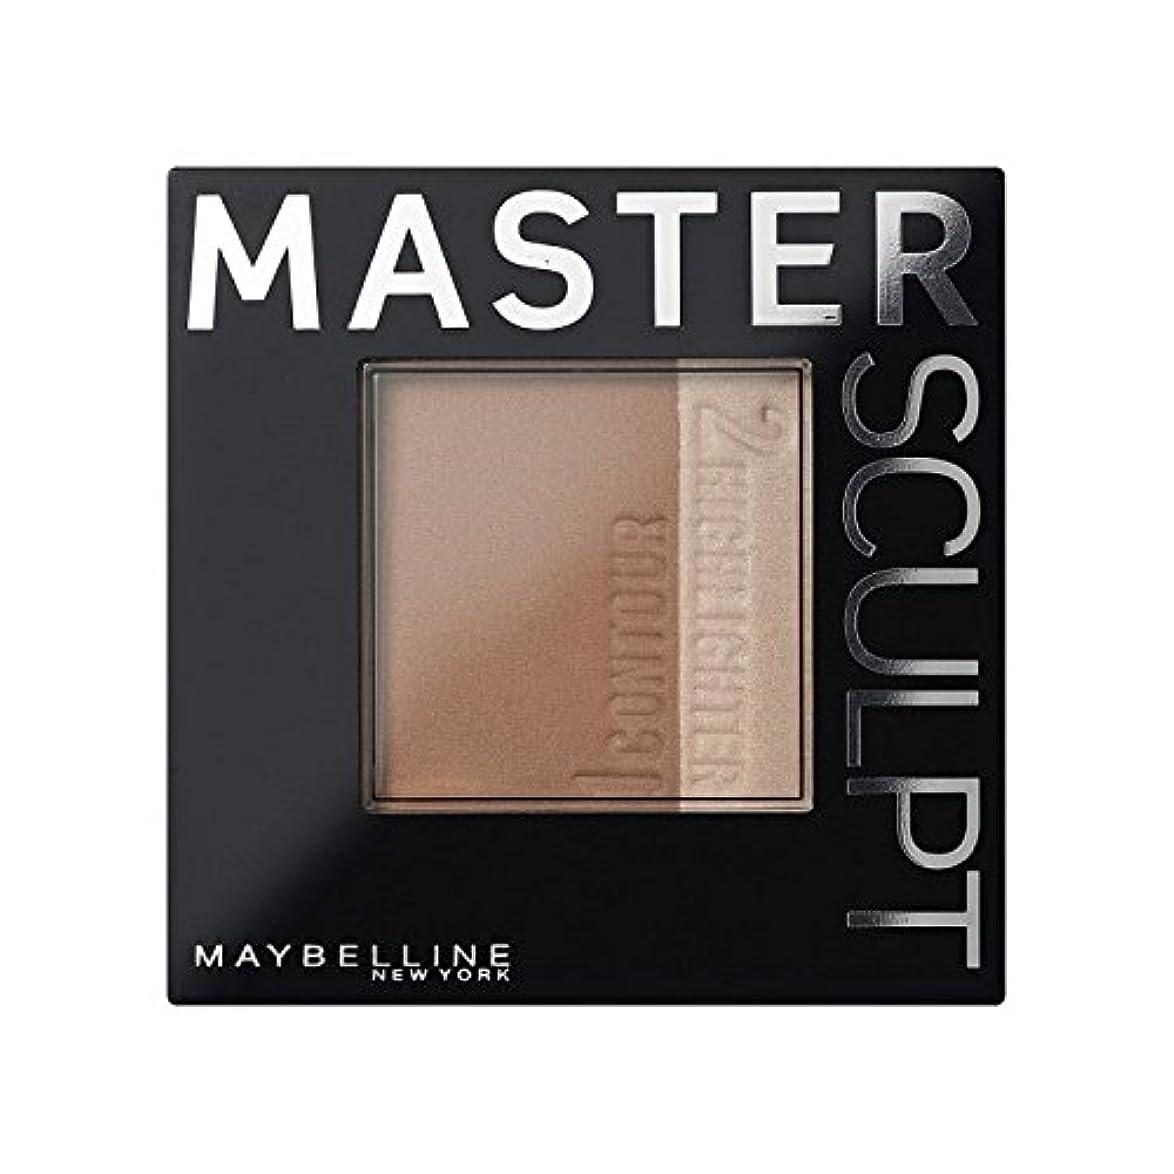 誘惑するマッサージ言い訳Maybelline Master Sculpt Contouring Foundation 02 Med/Dark (Pack of 6) - メイベリンマスタースカルプト基盤02の /暗い輪郭 x6 [並行輸入品]